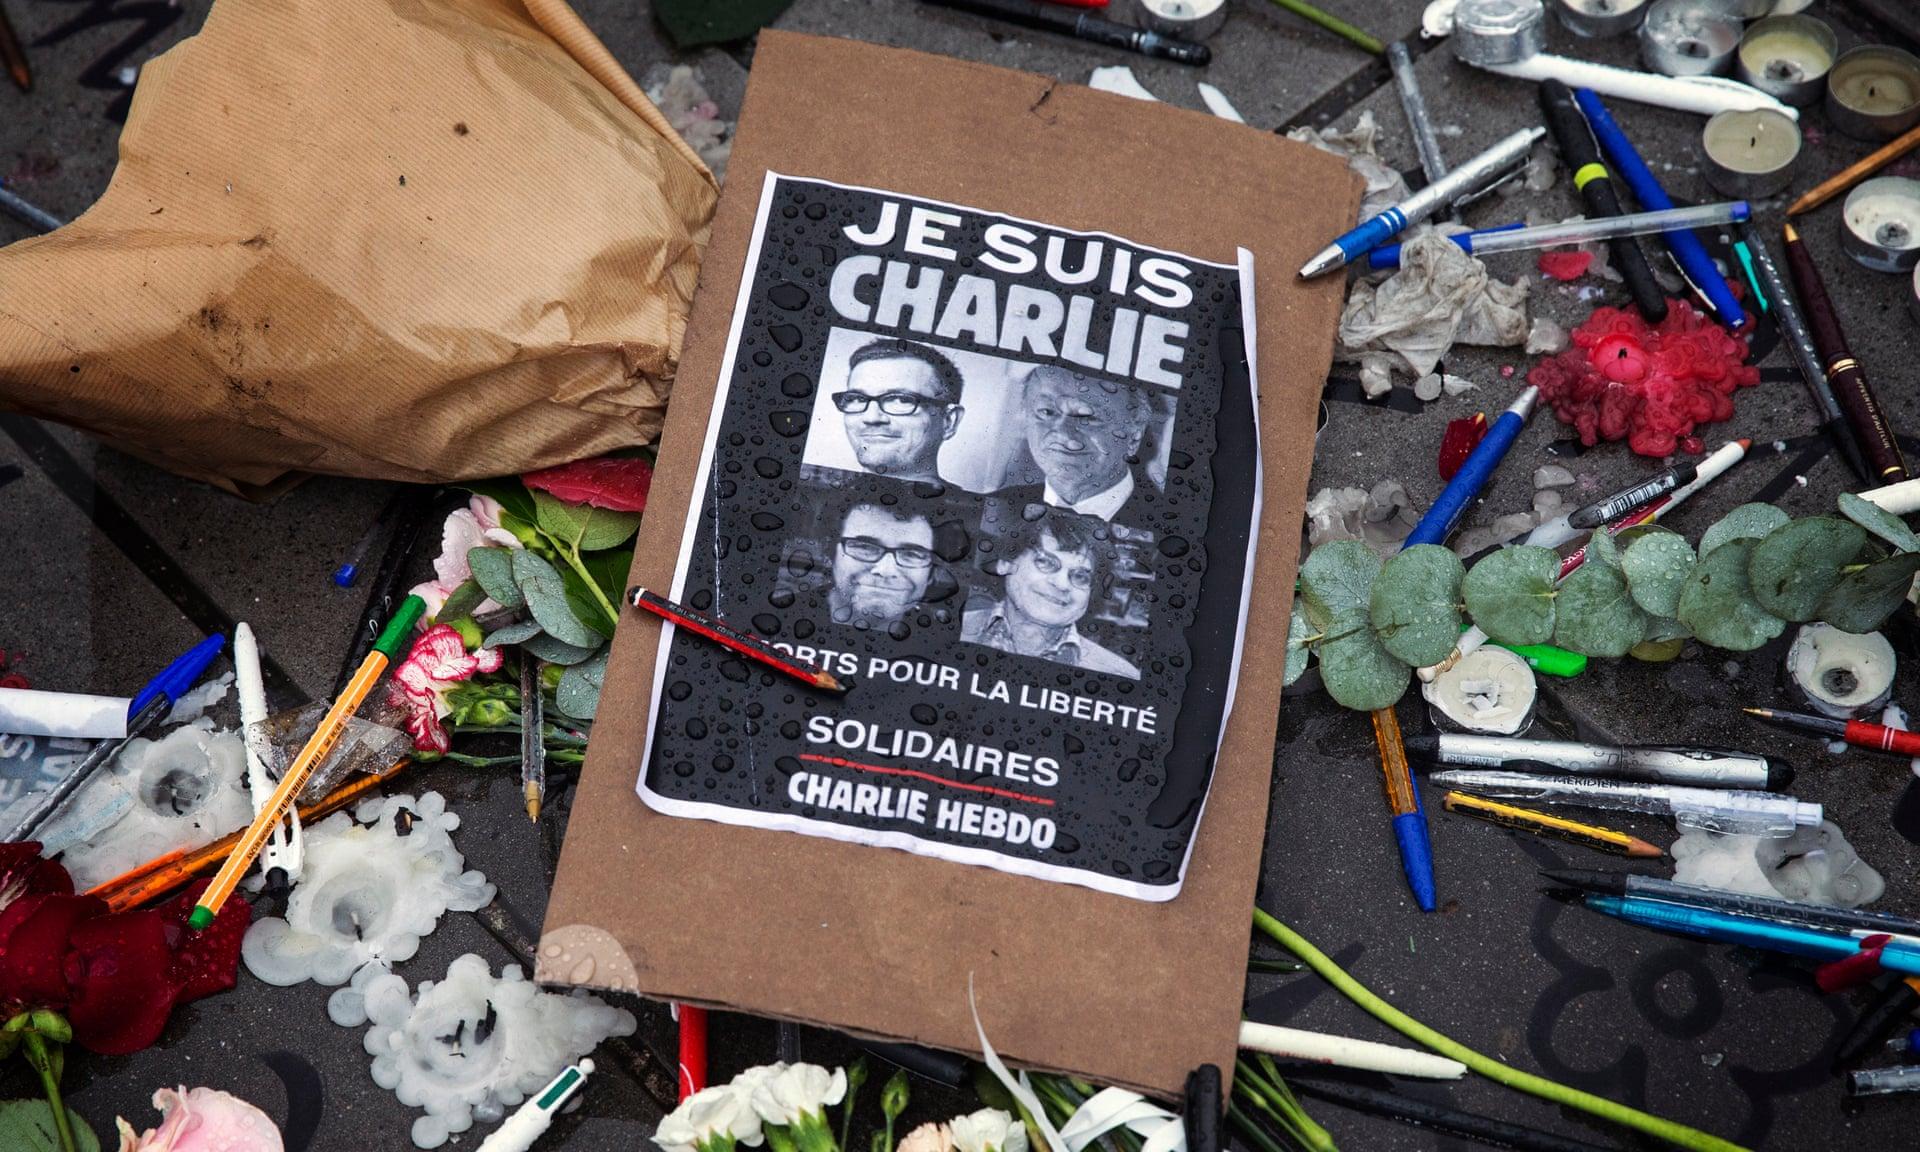 Ma állítják bíróság elé a Charlie Hebdo mészárlás felelőseit